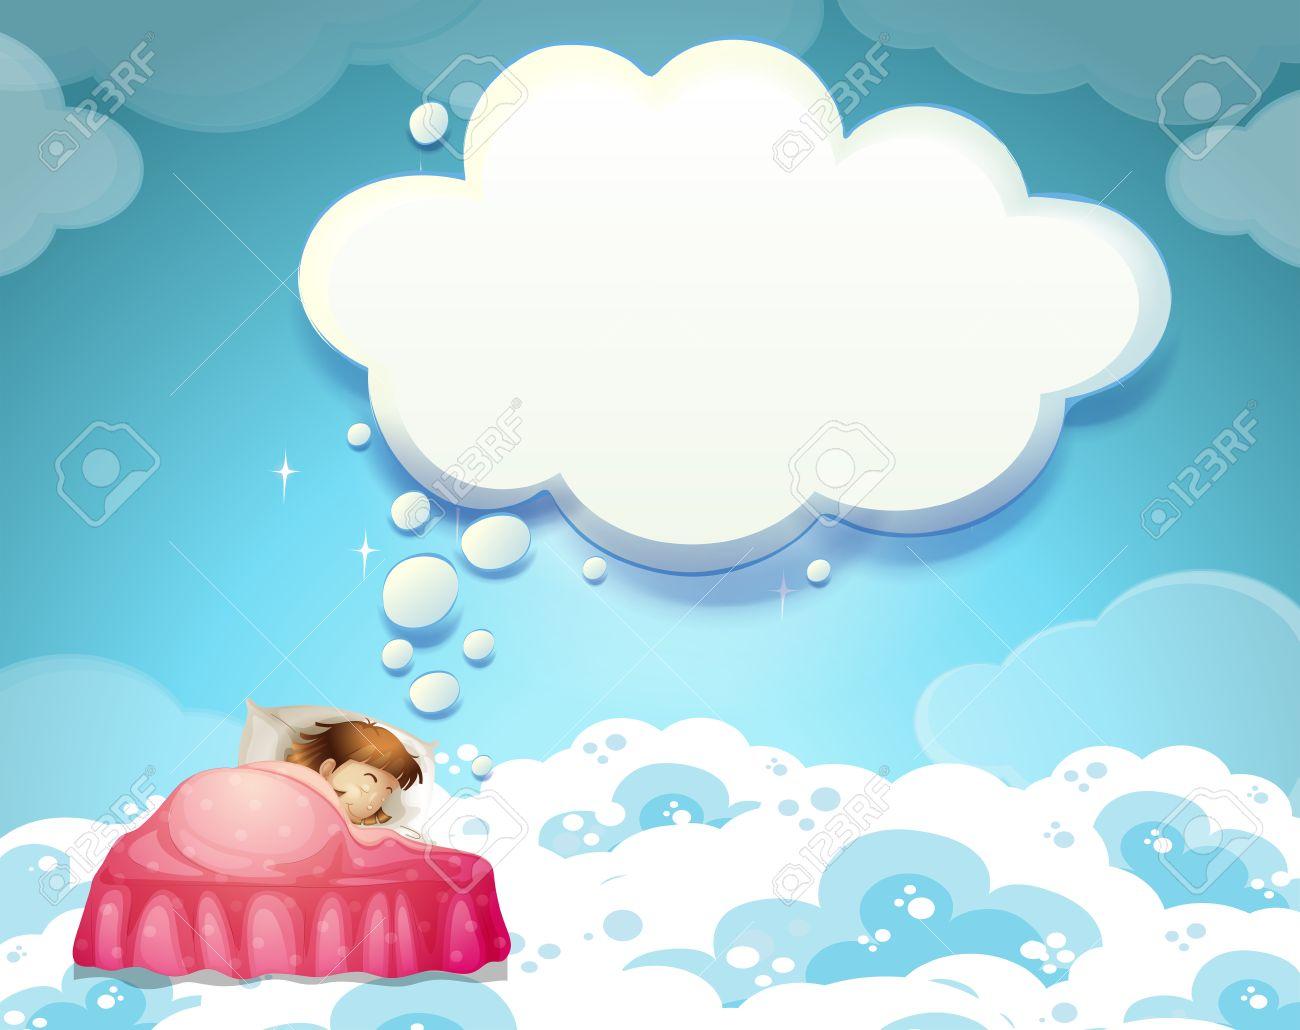 雲の背景イラストがベッドで寝ている女の子 ロイヤリティフリークリップ